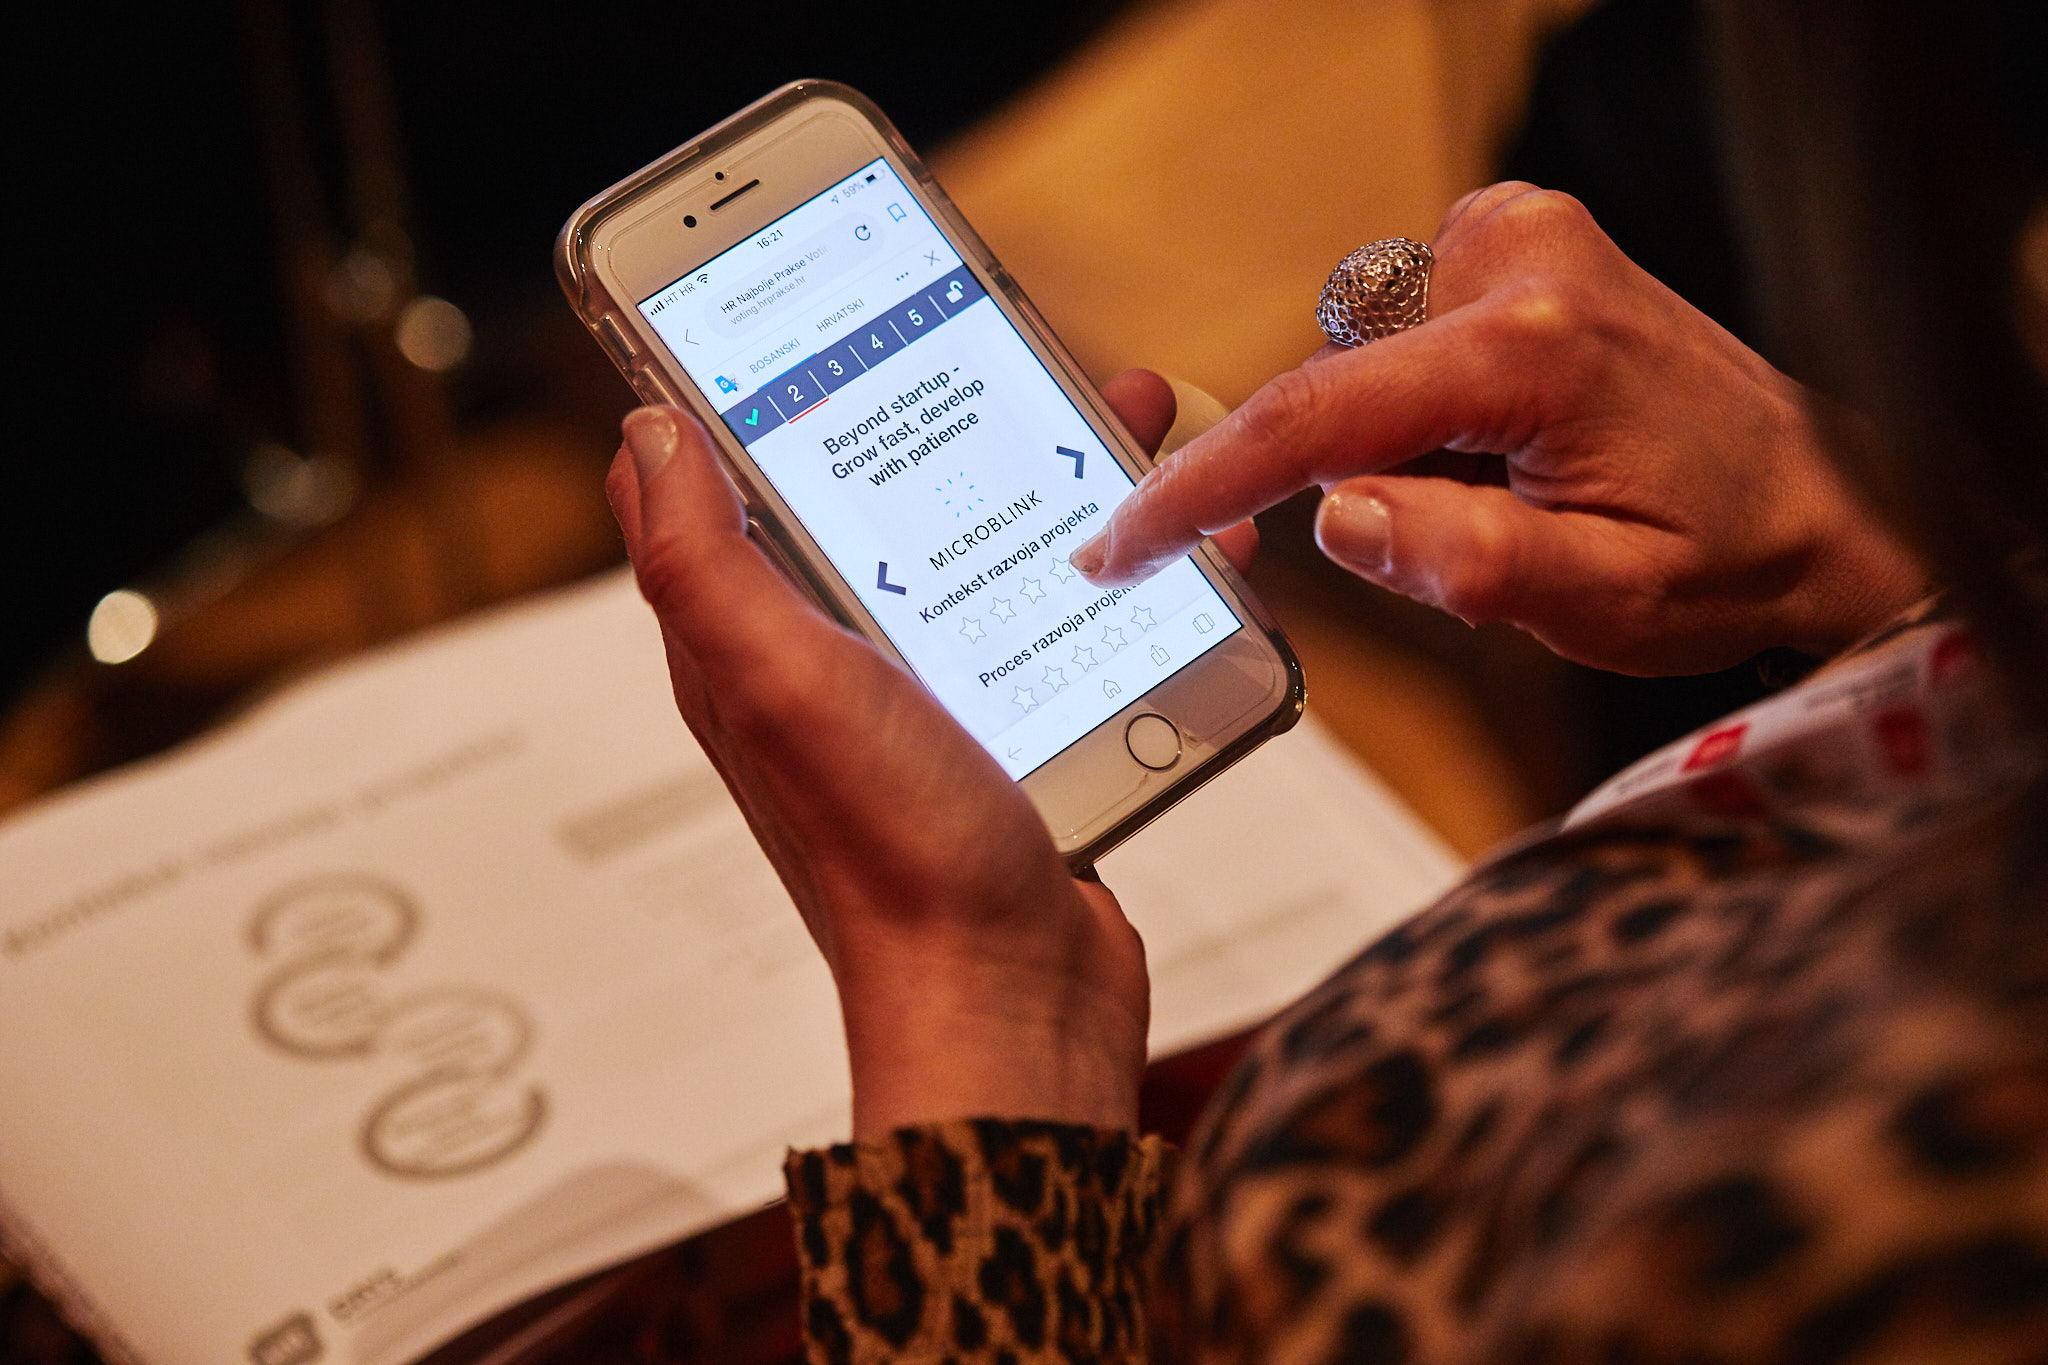 aplikacije za zrele druženje za iphone primjeri internetskih ženskih profila